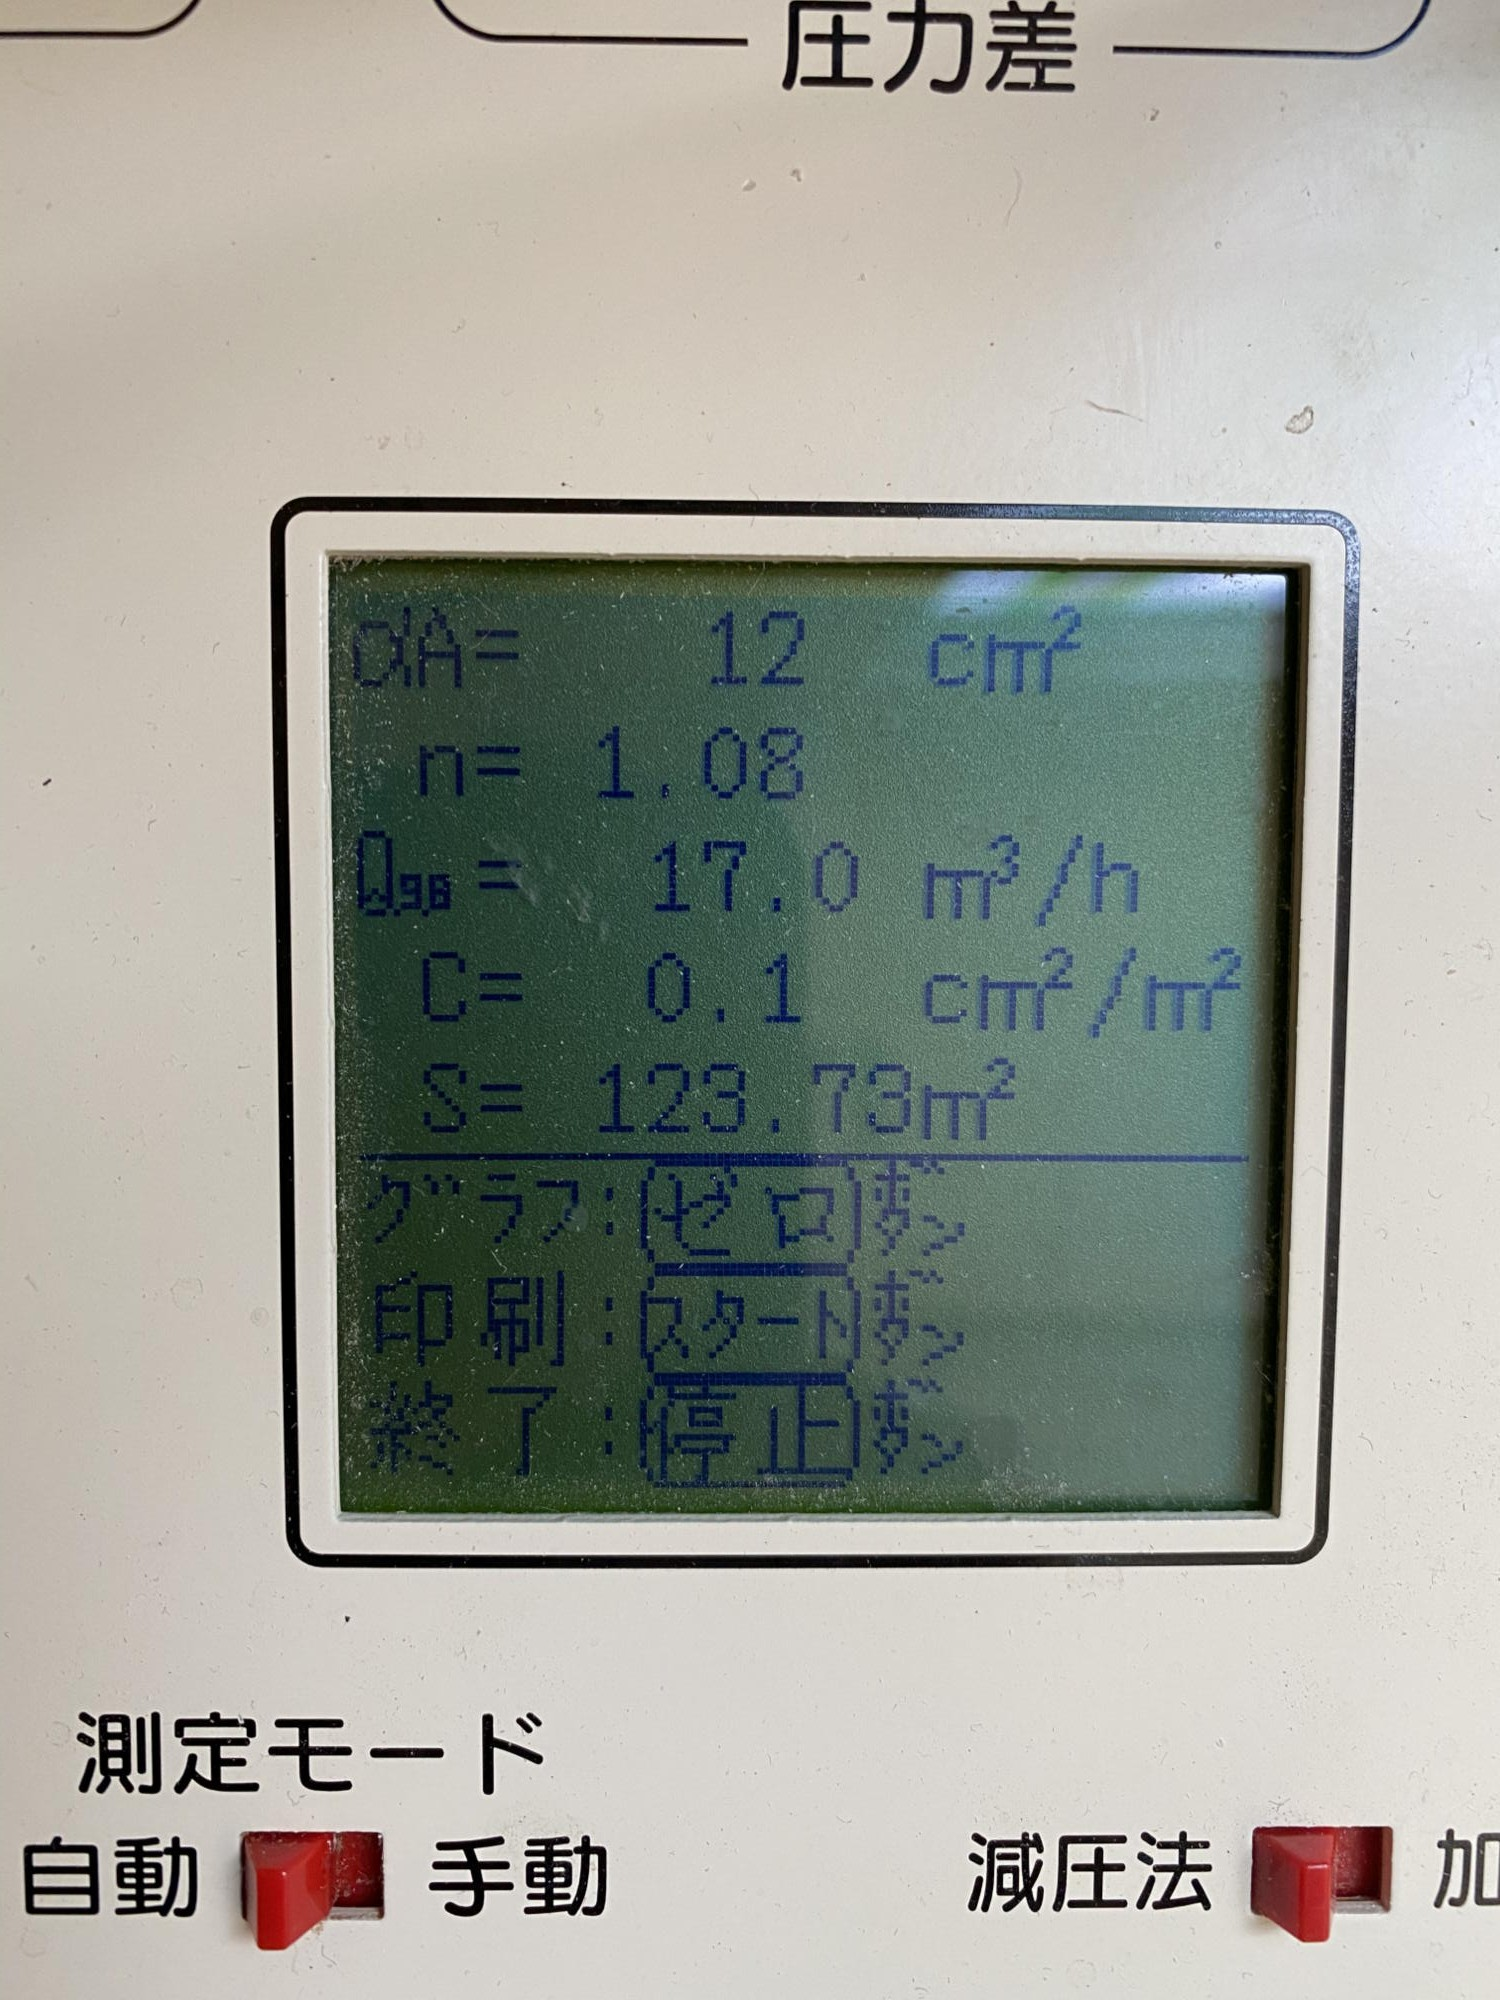 中間気密測定 C値0.1